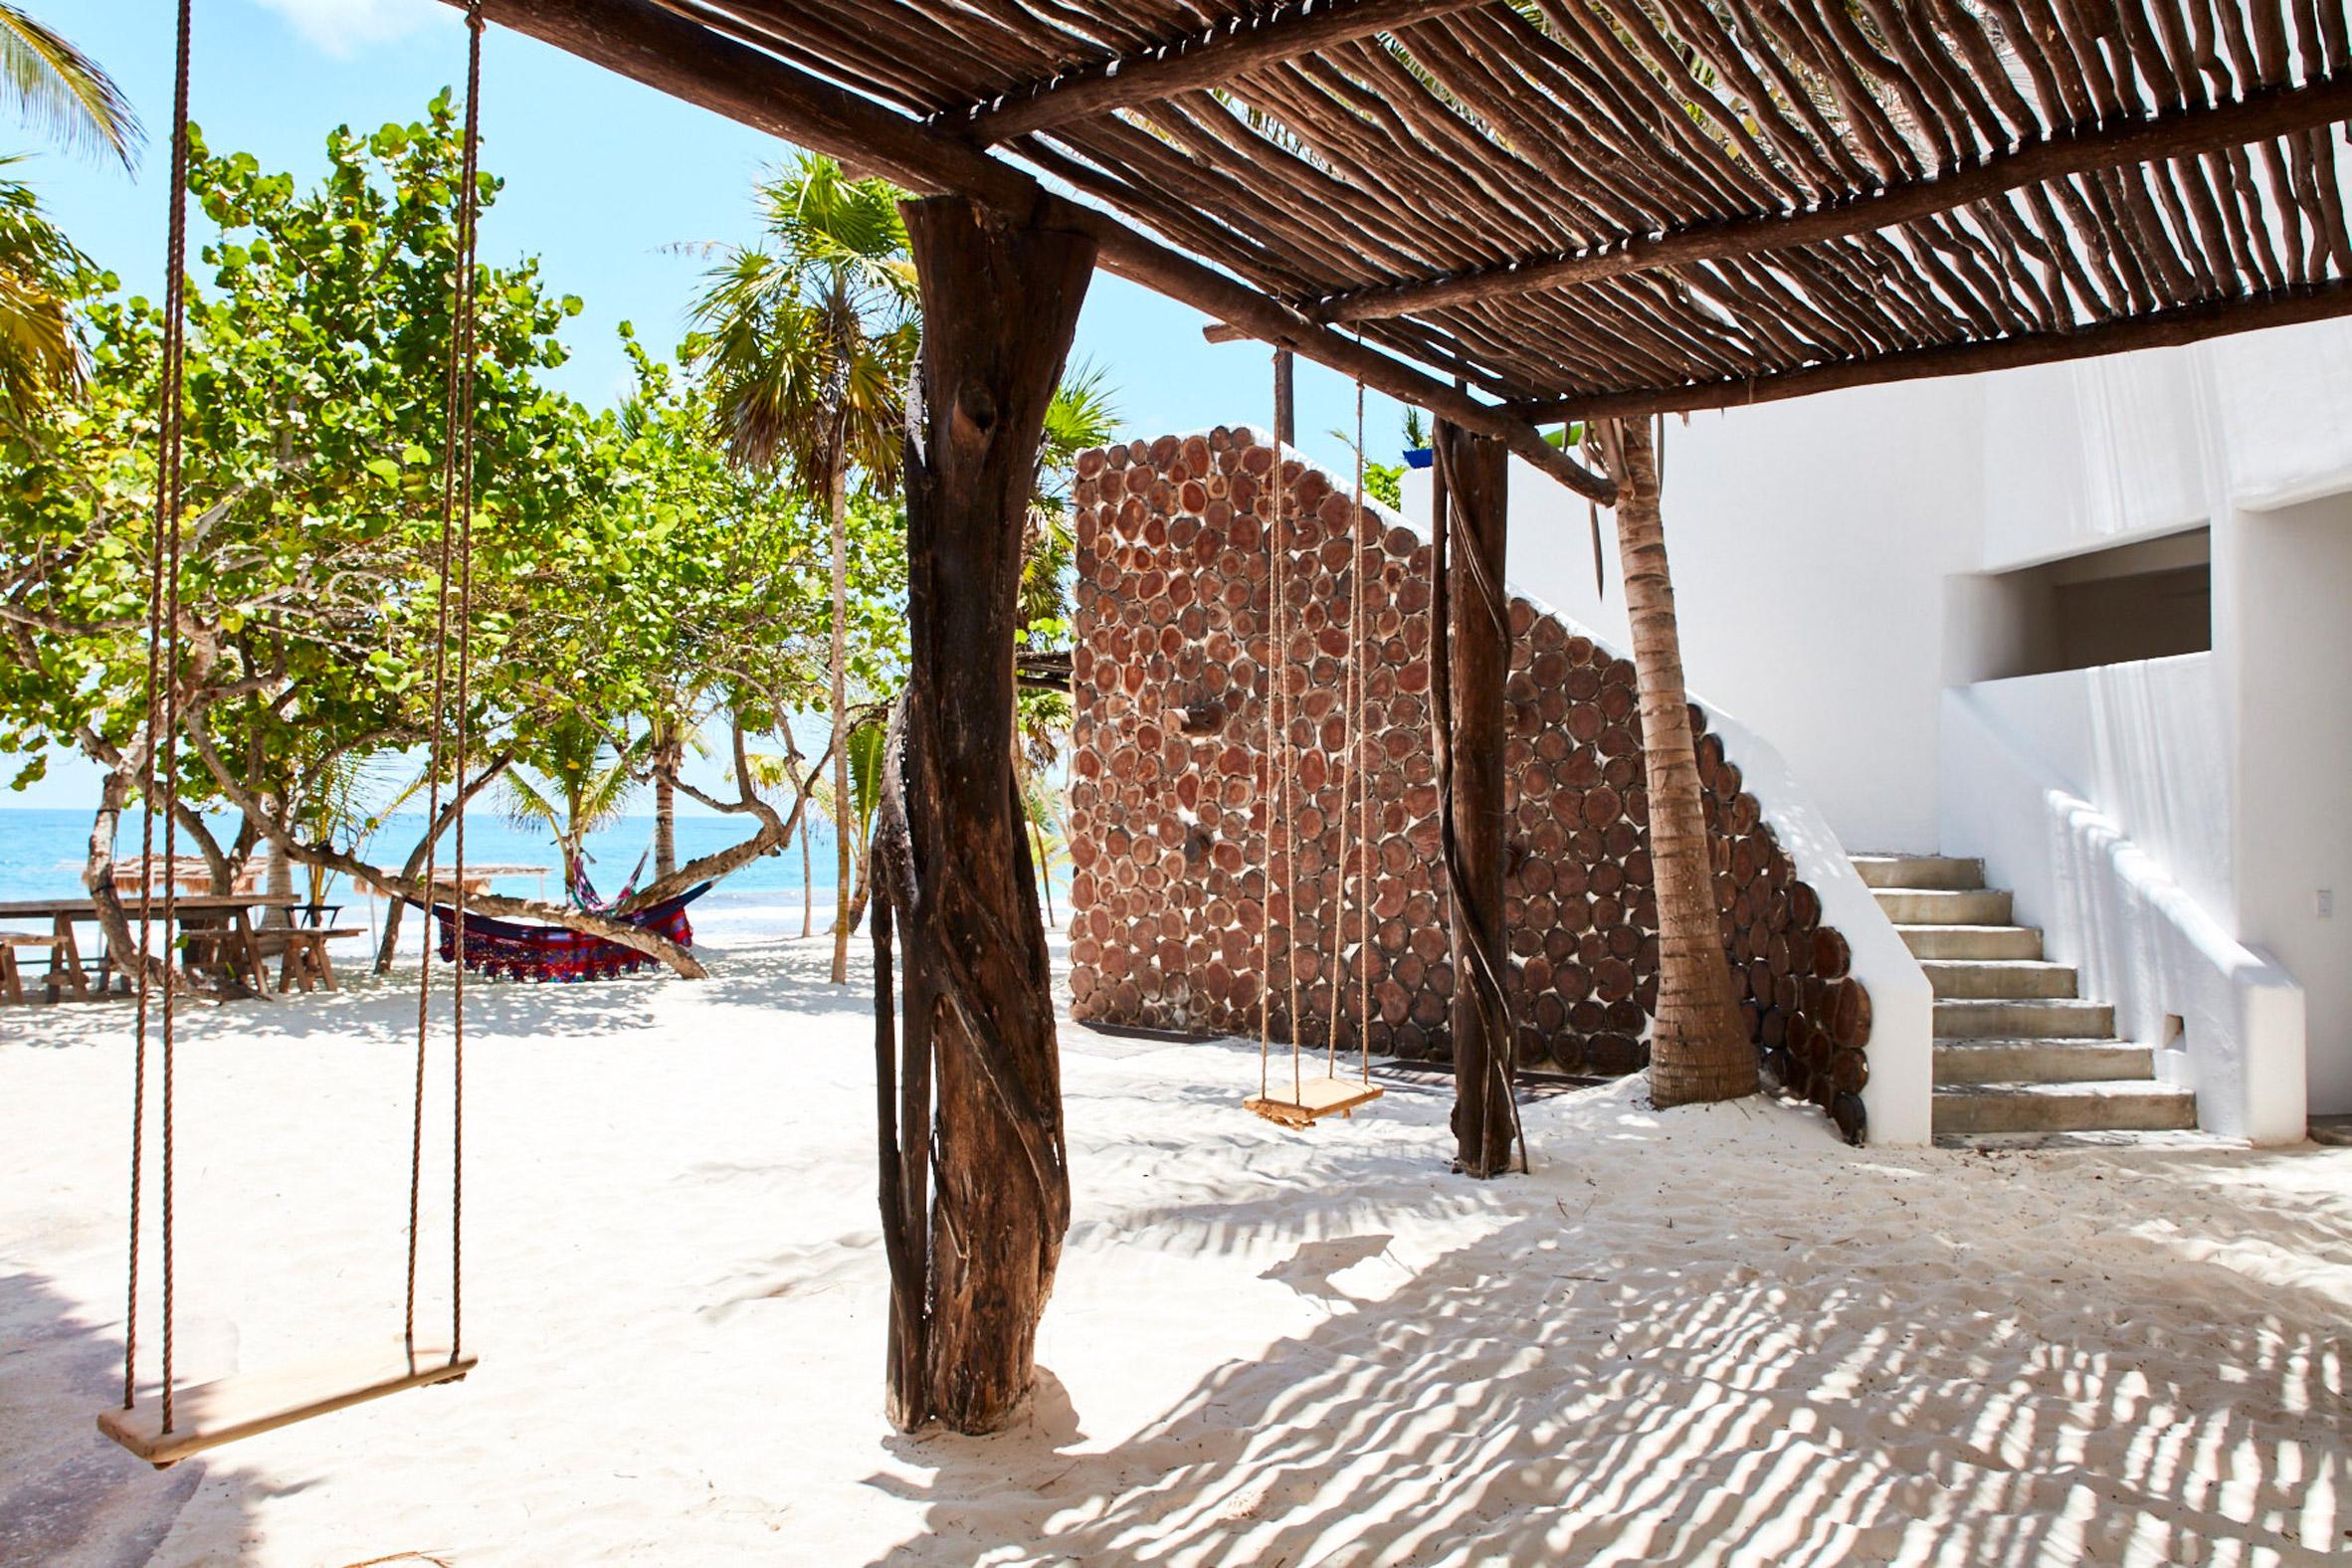 casa-malca-architecture-hotels-mexico_dezeen_2364_col_18